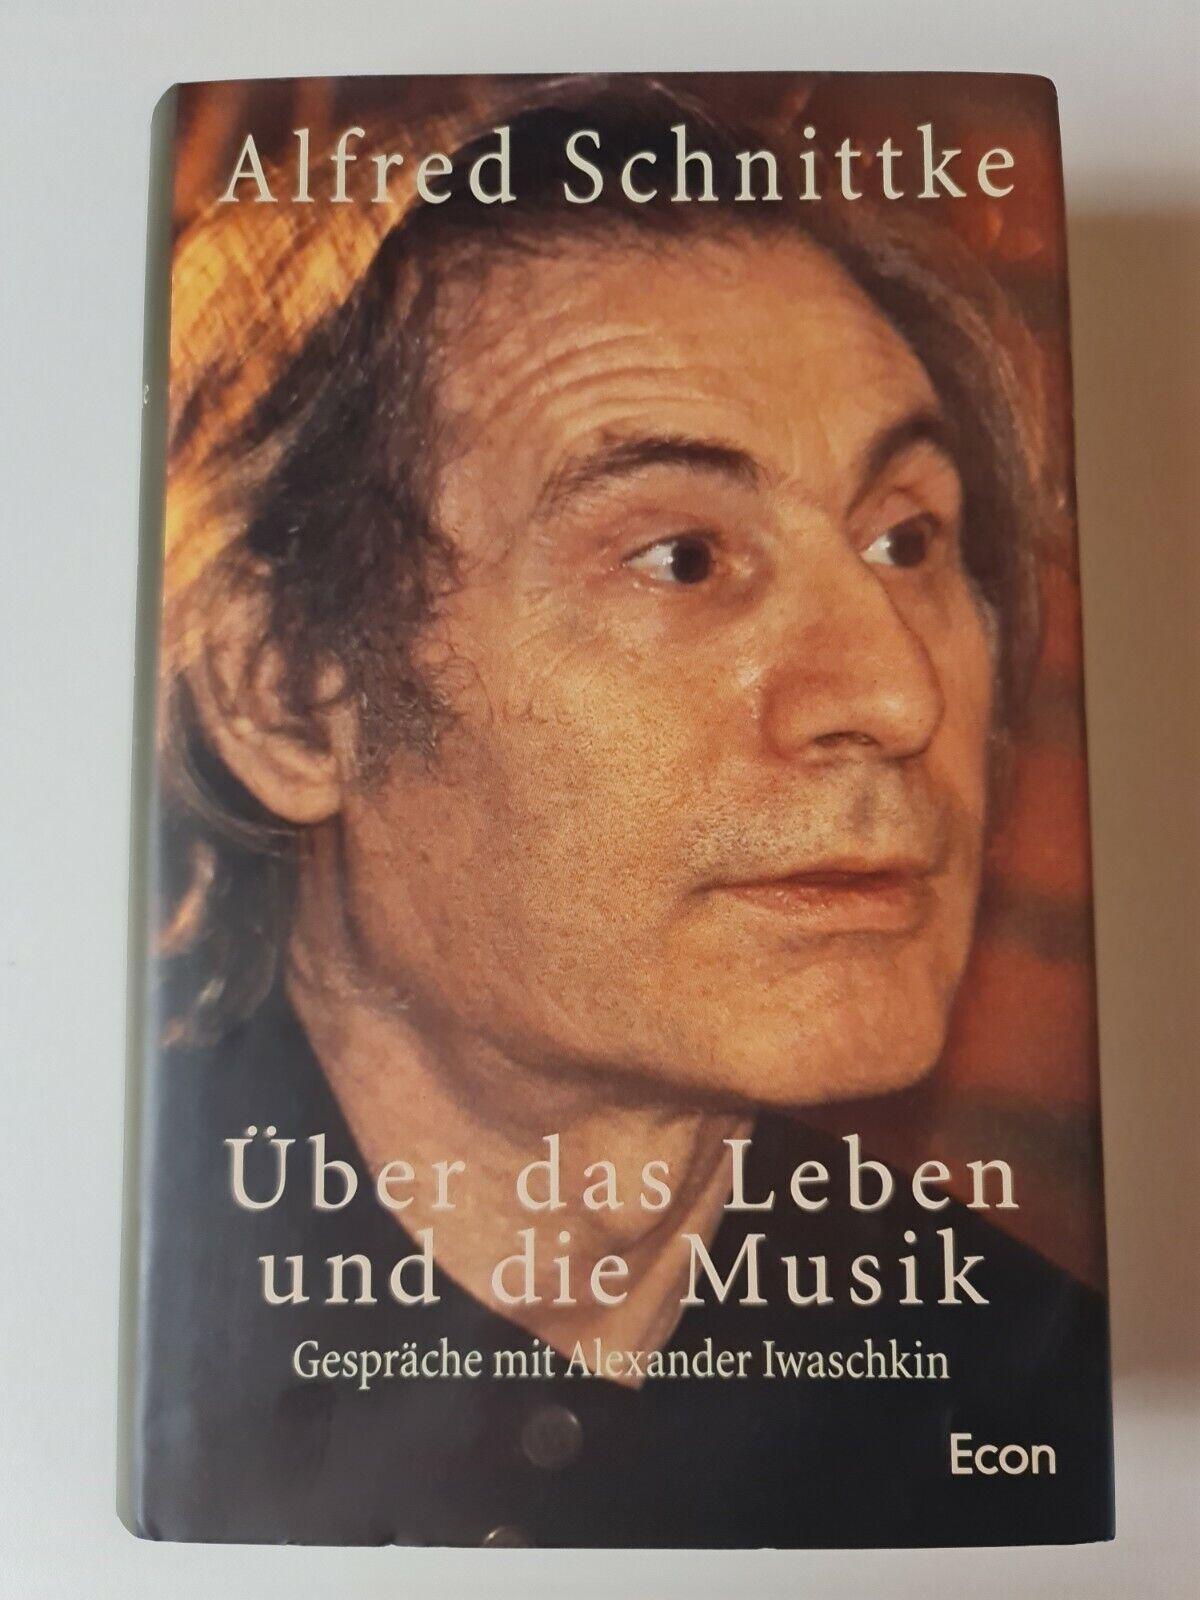 Über das Leben und die Musik / Alfred Schnittke / Econ Verlag / Buch - Alfred Schnittke